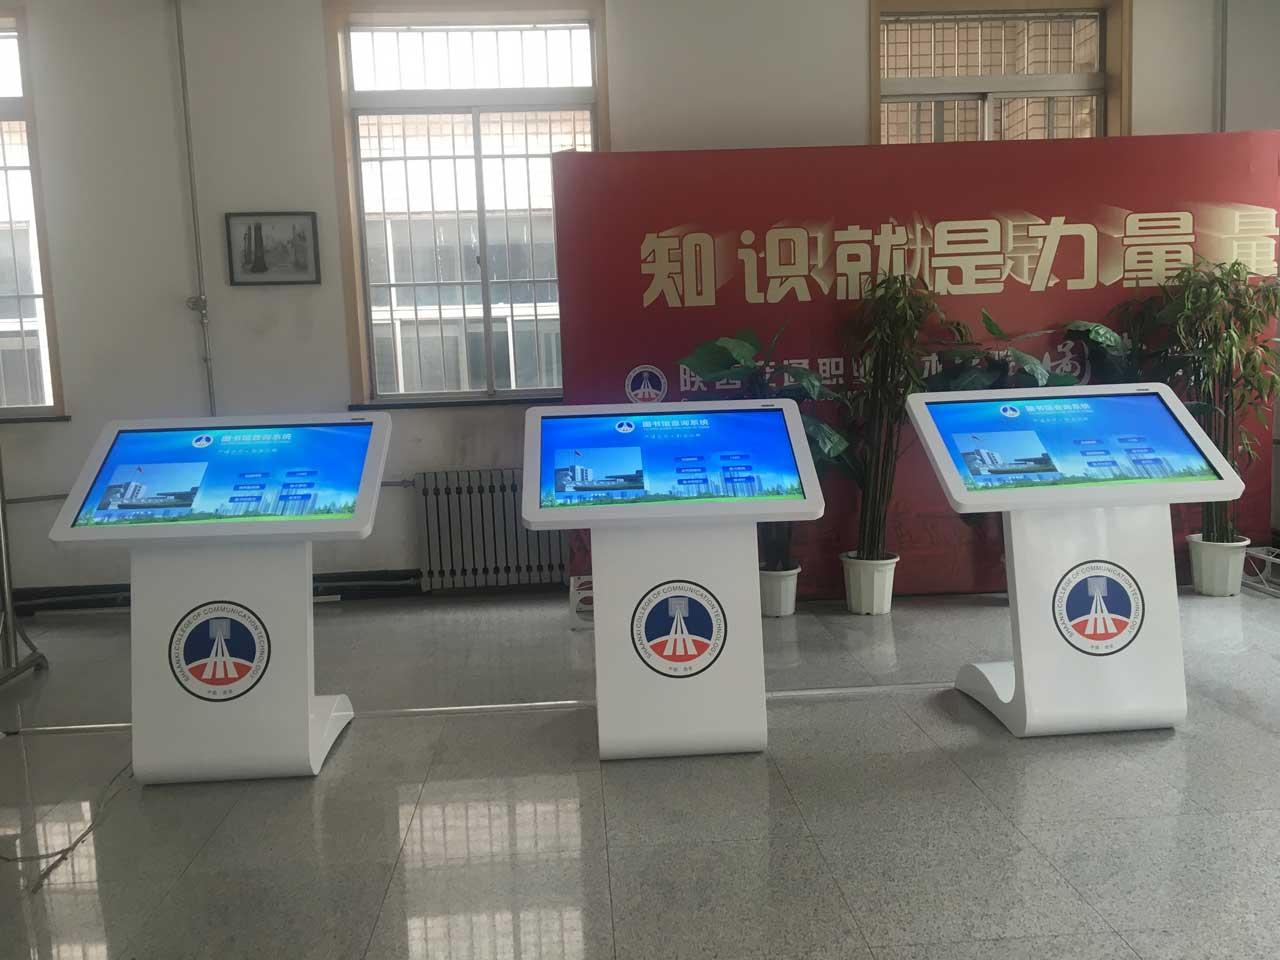 陕西交通职业技术学院图书馆